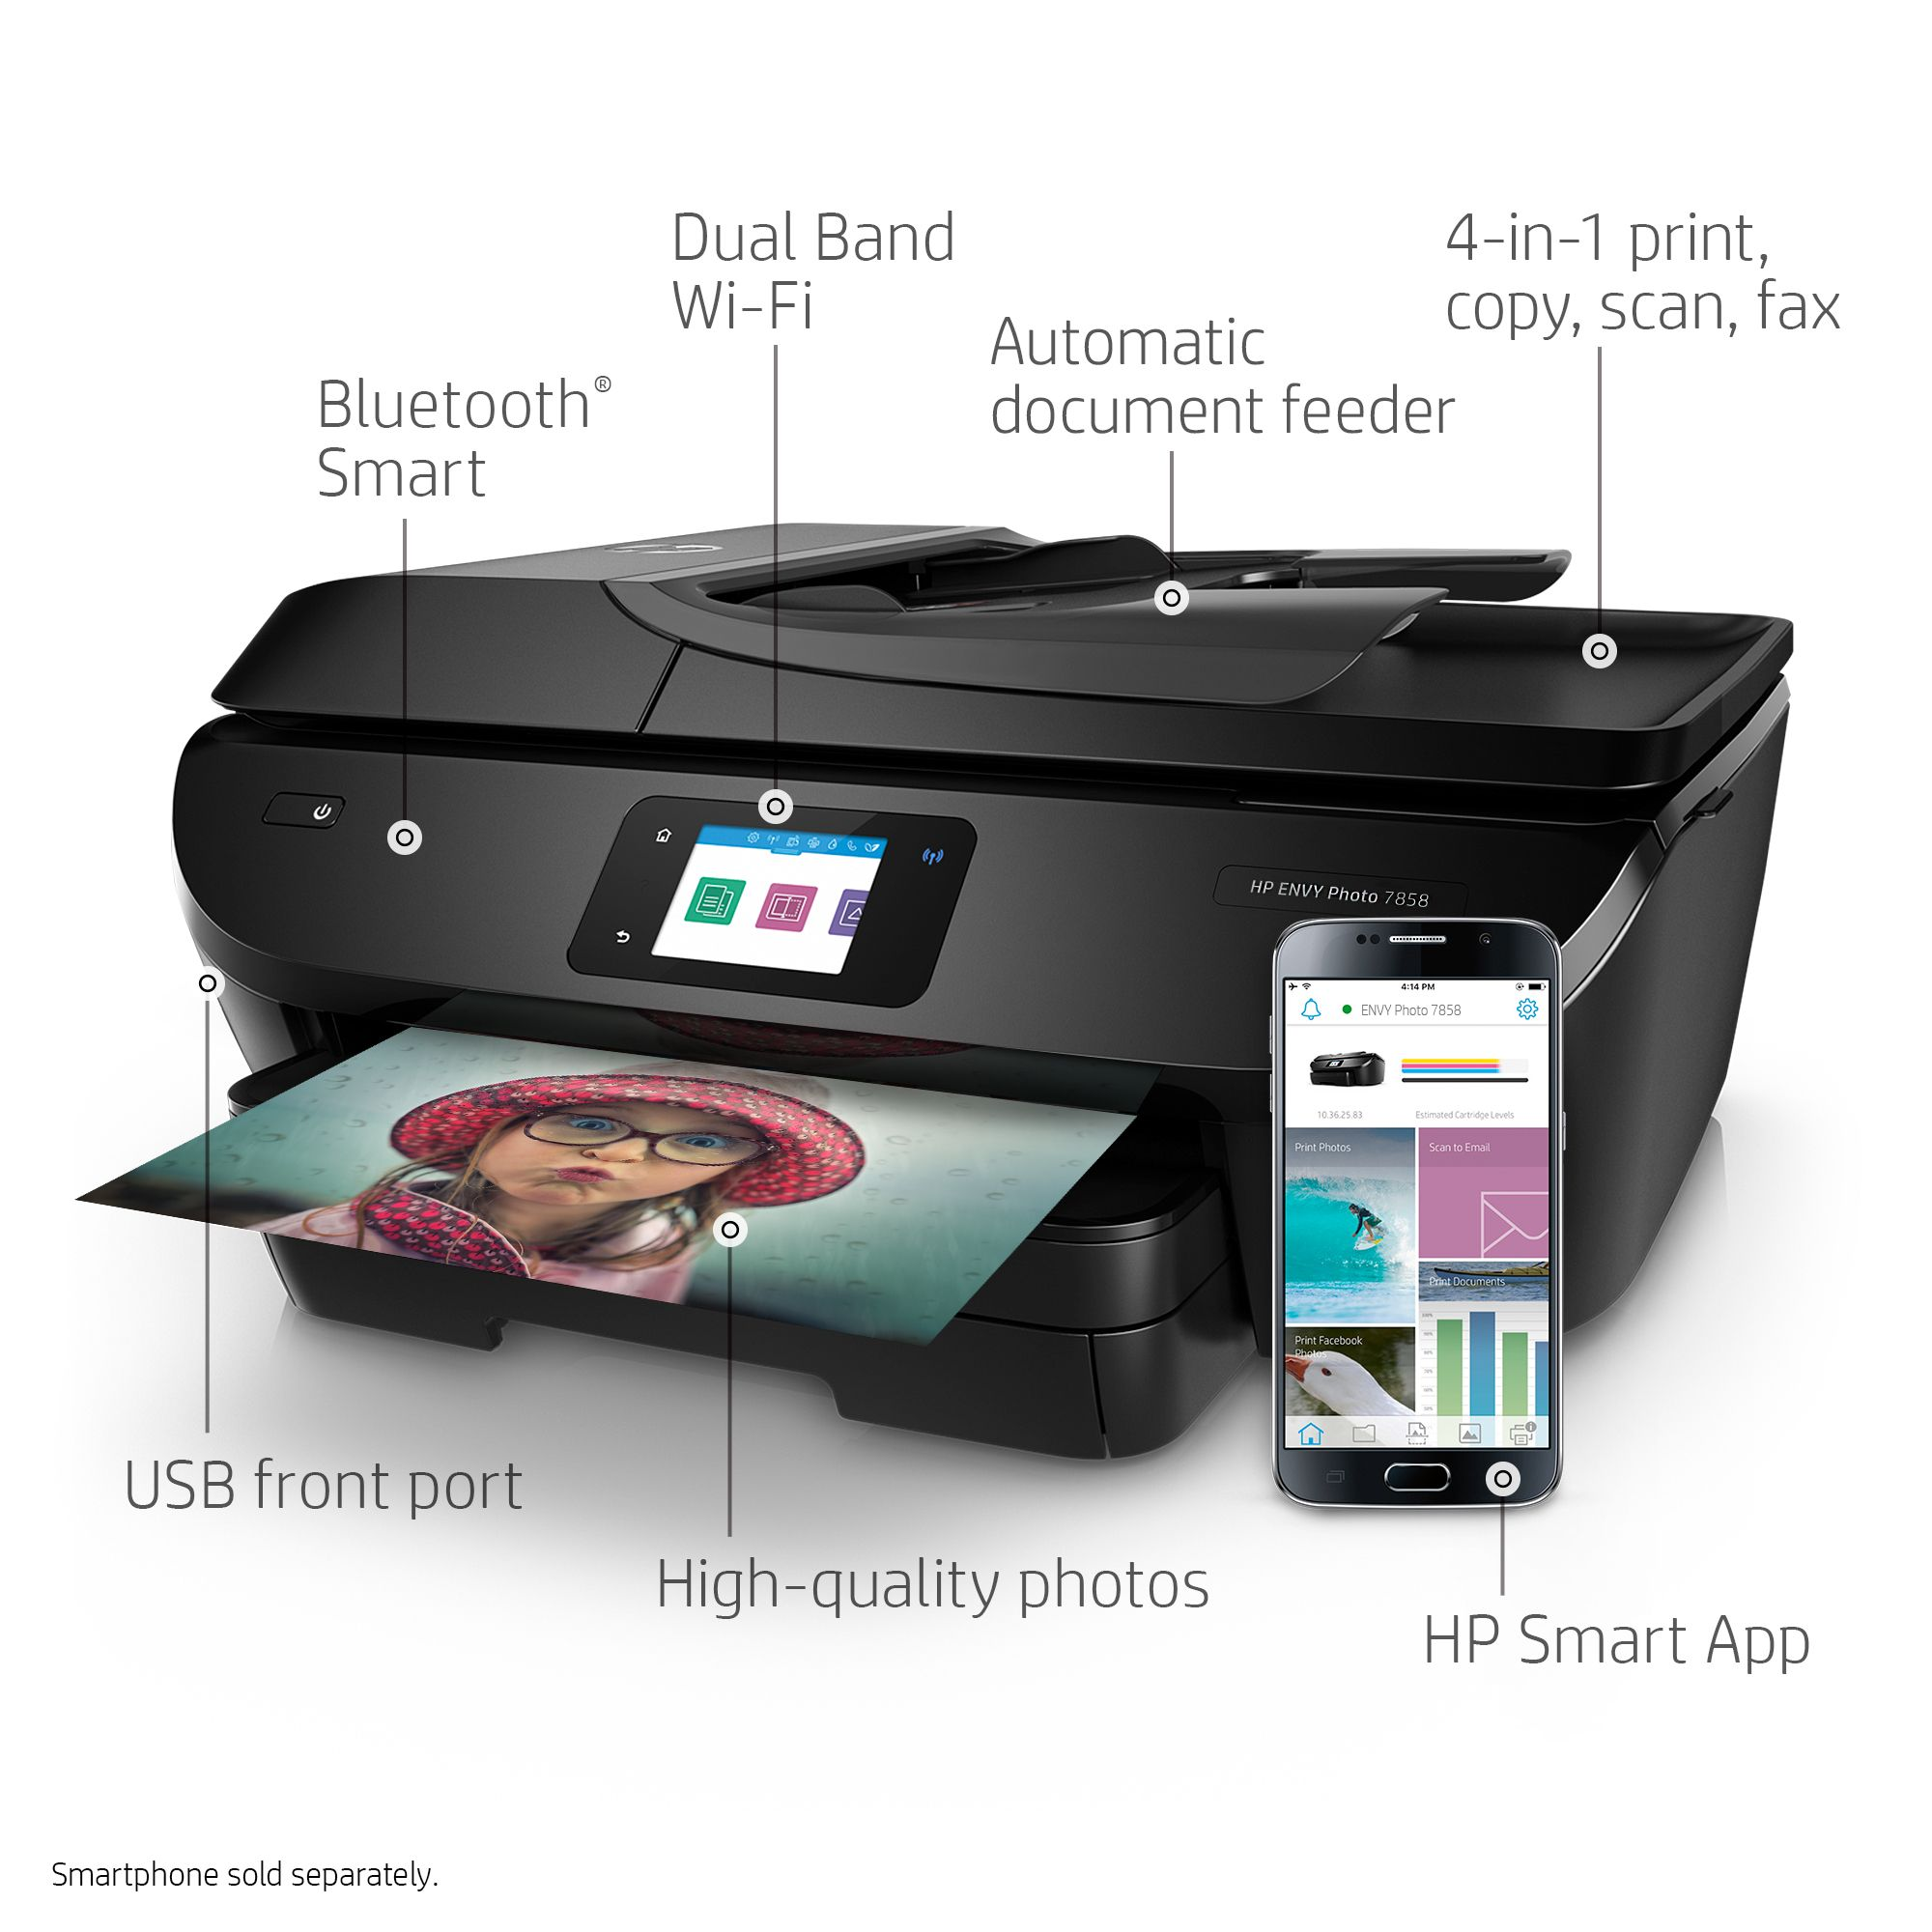 HP Envy 7858 AllinOne Wireless Photo, Print, Scan, Copy